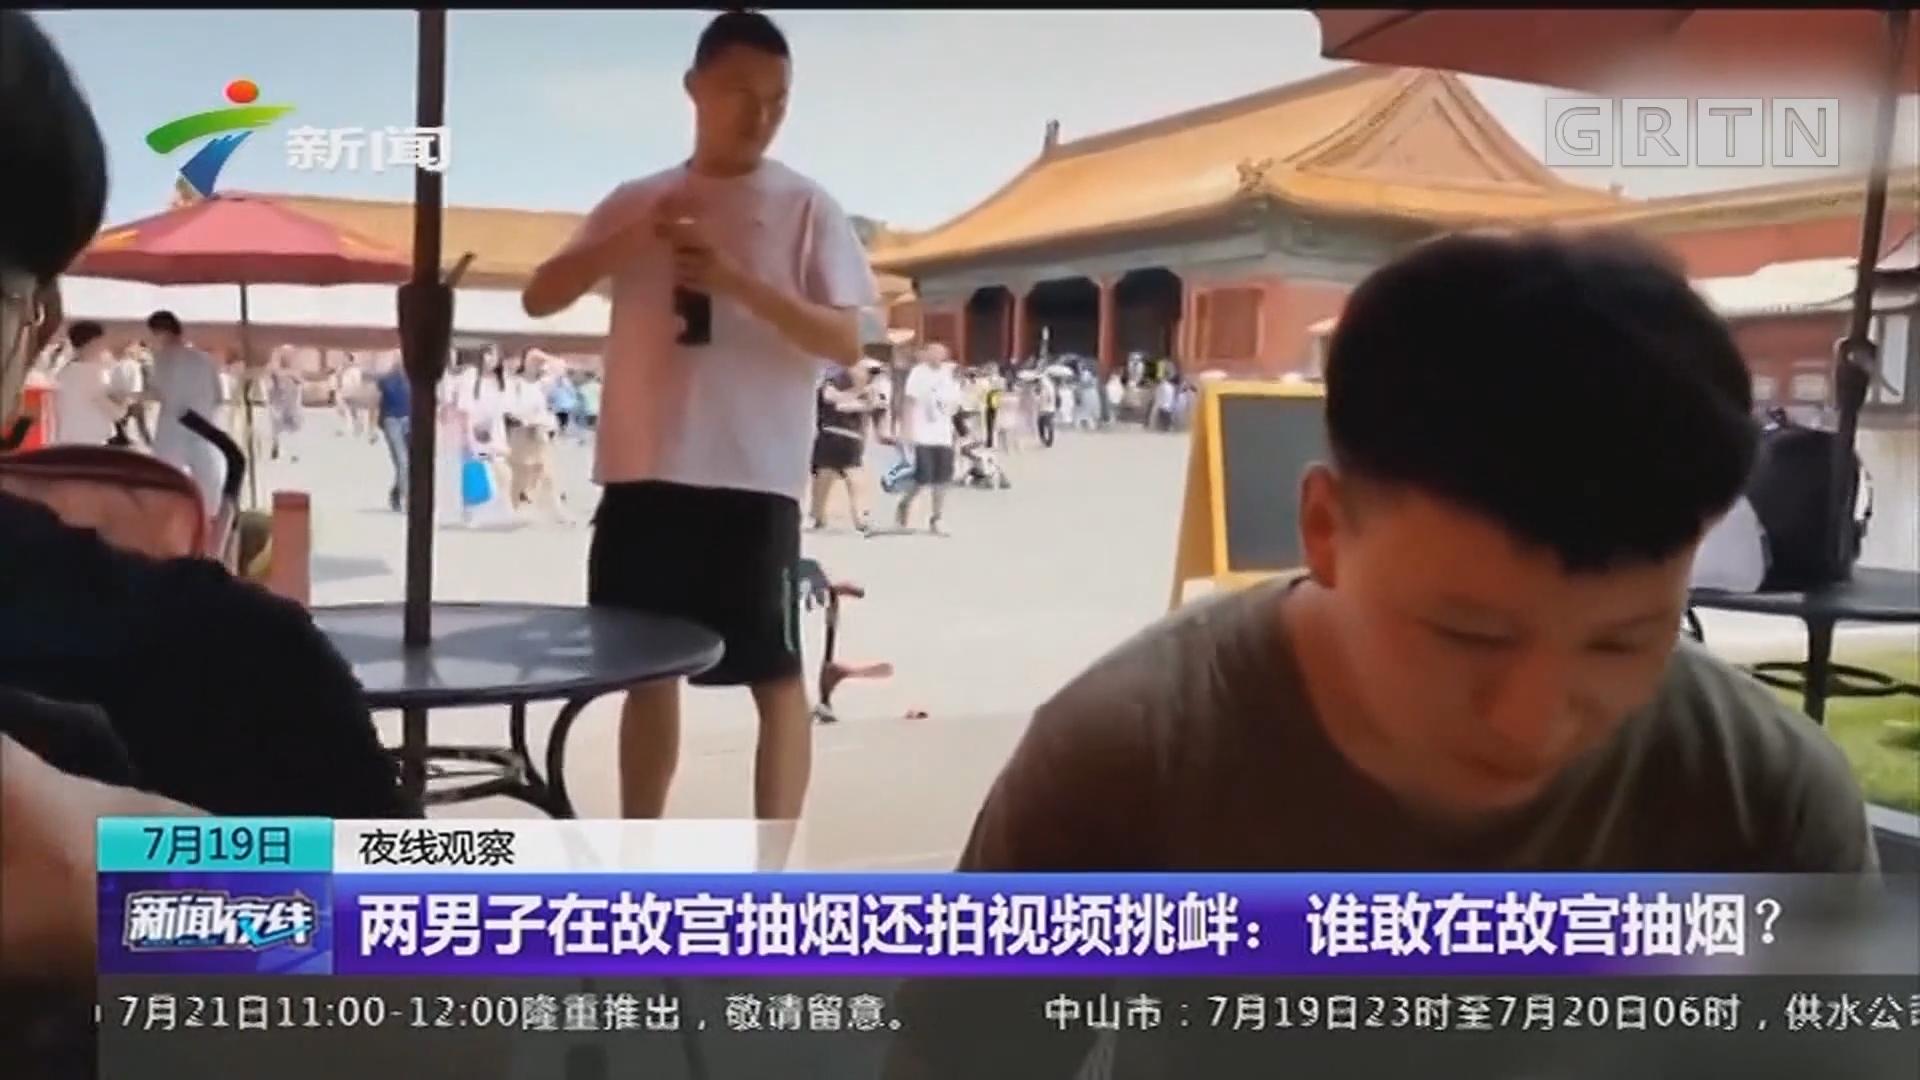 两男子在故宫抽烟还拍视频挑衅:谁敢在故宫抽烟?